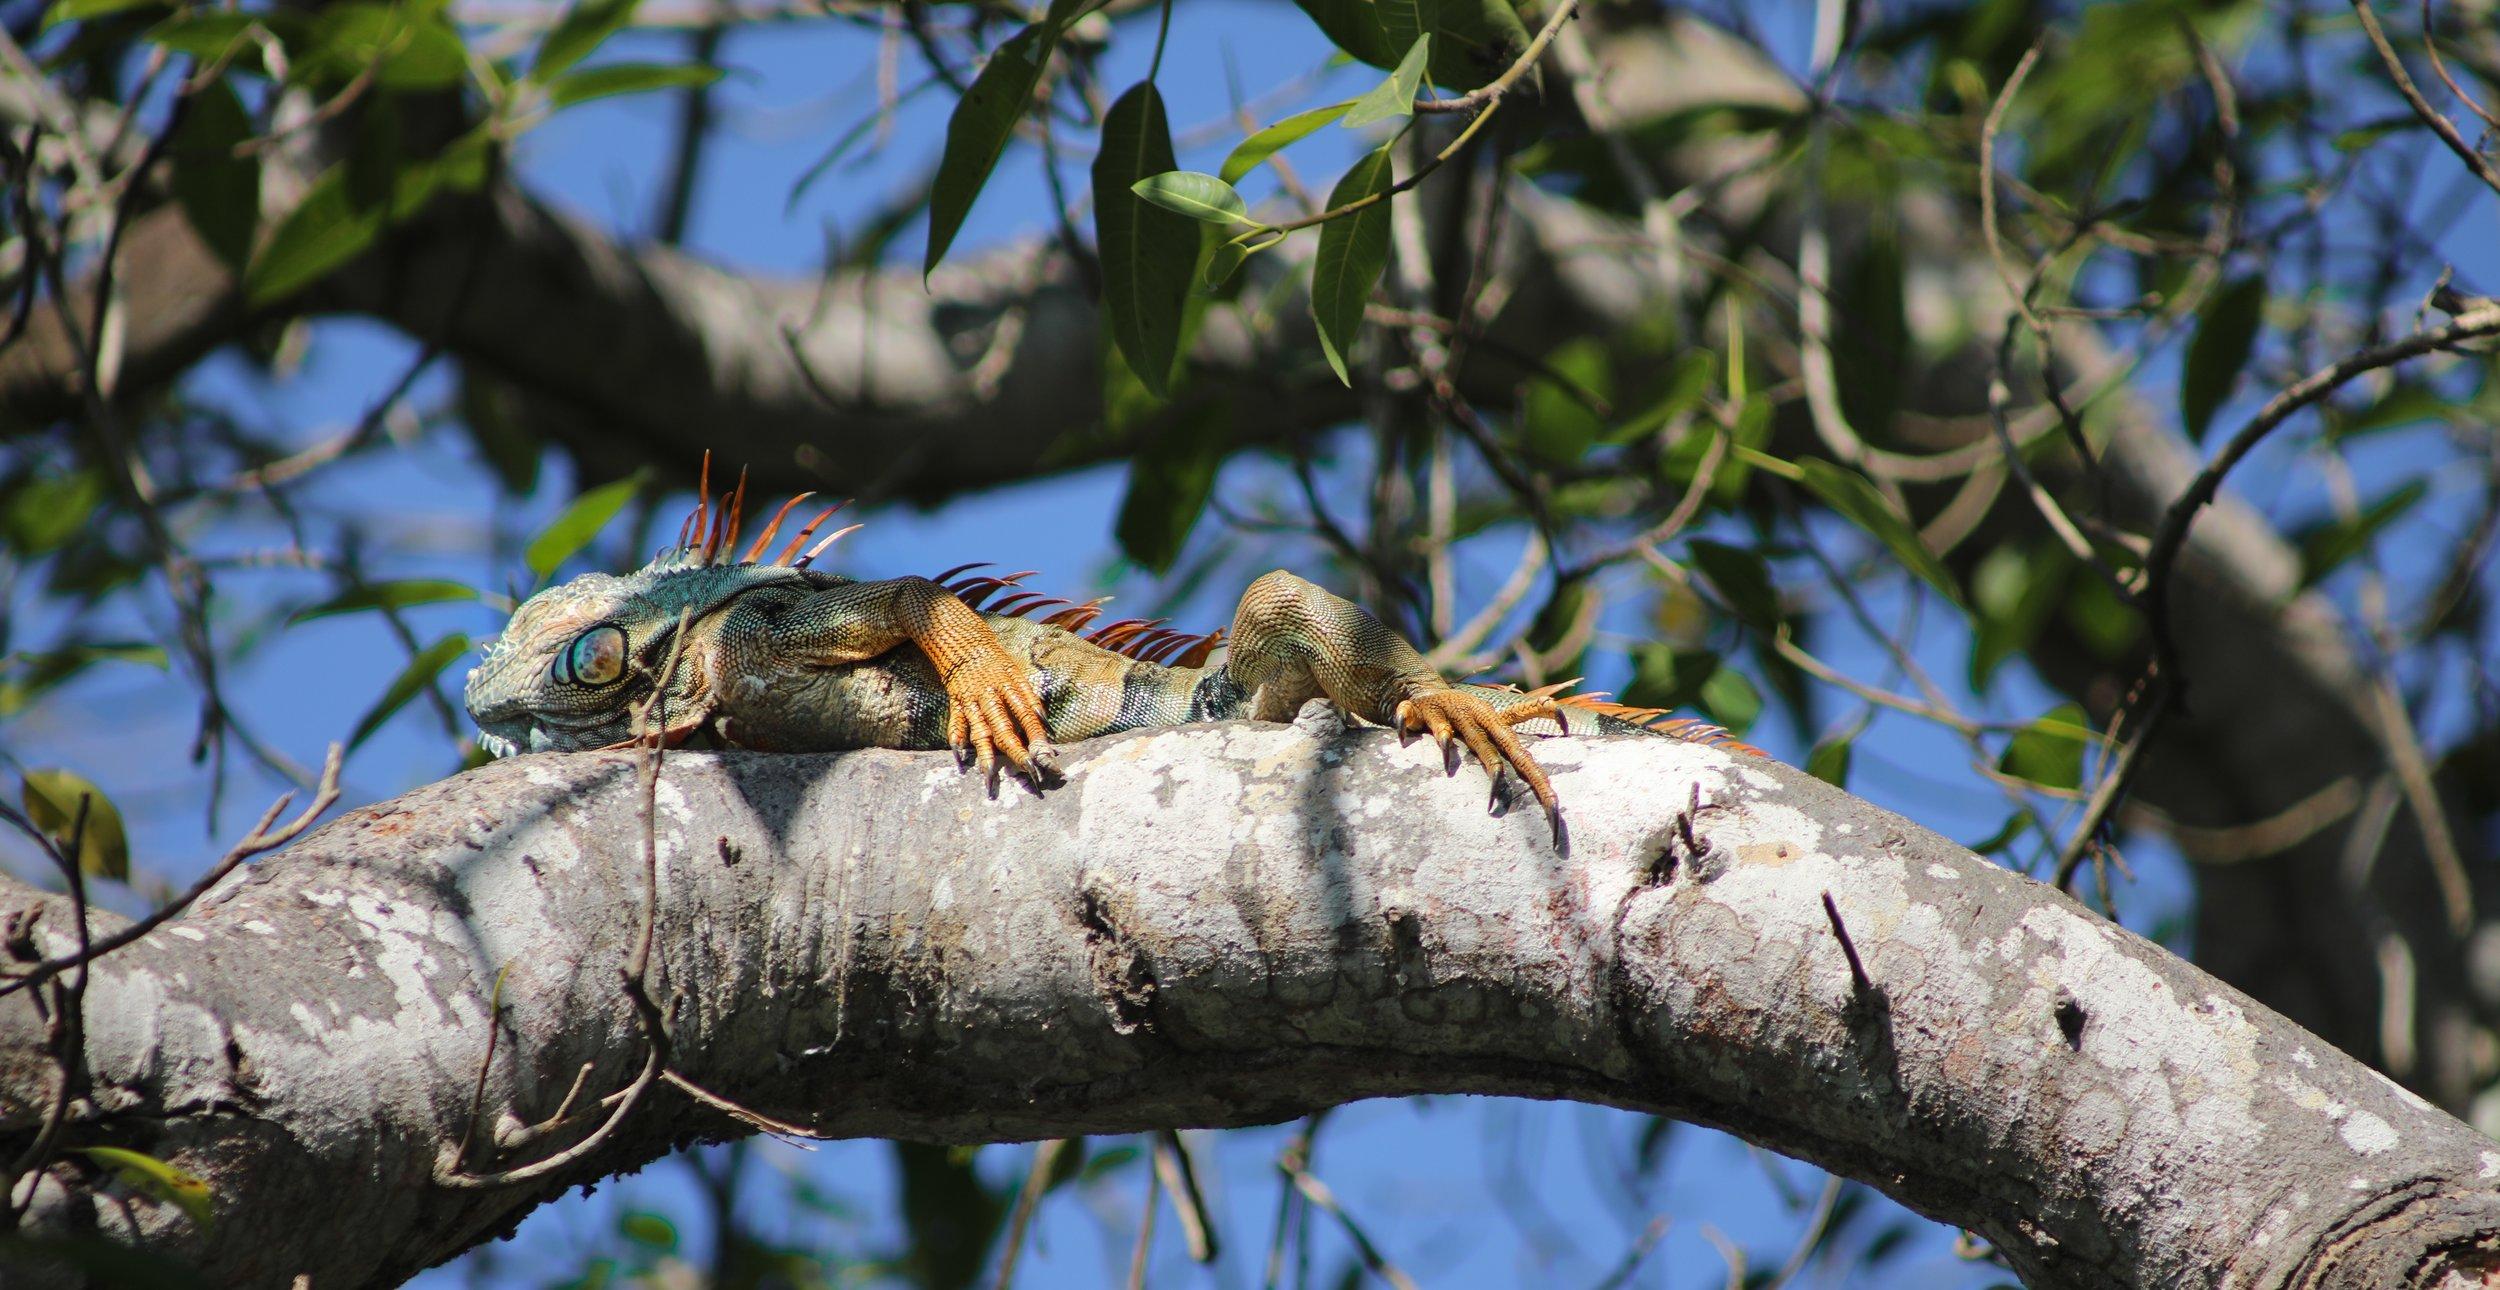 A colorful iguana sunbathing above us.